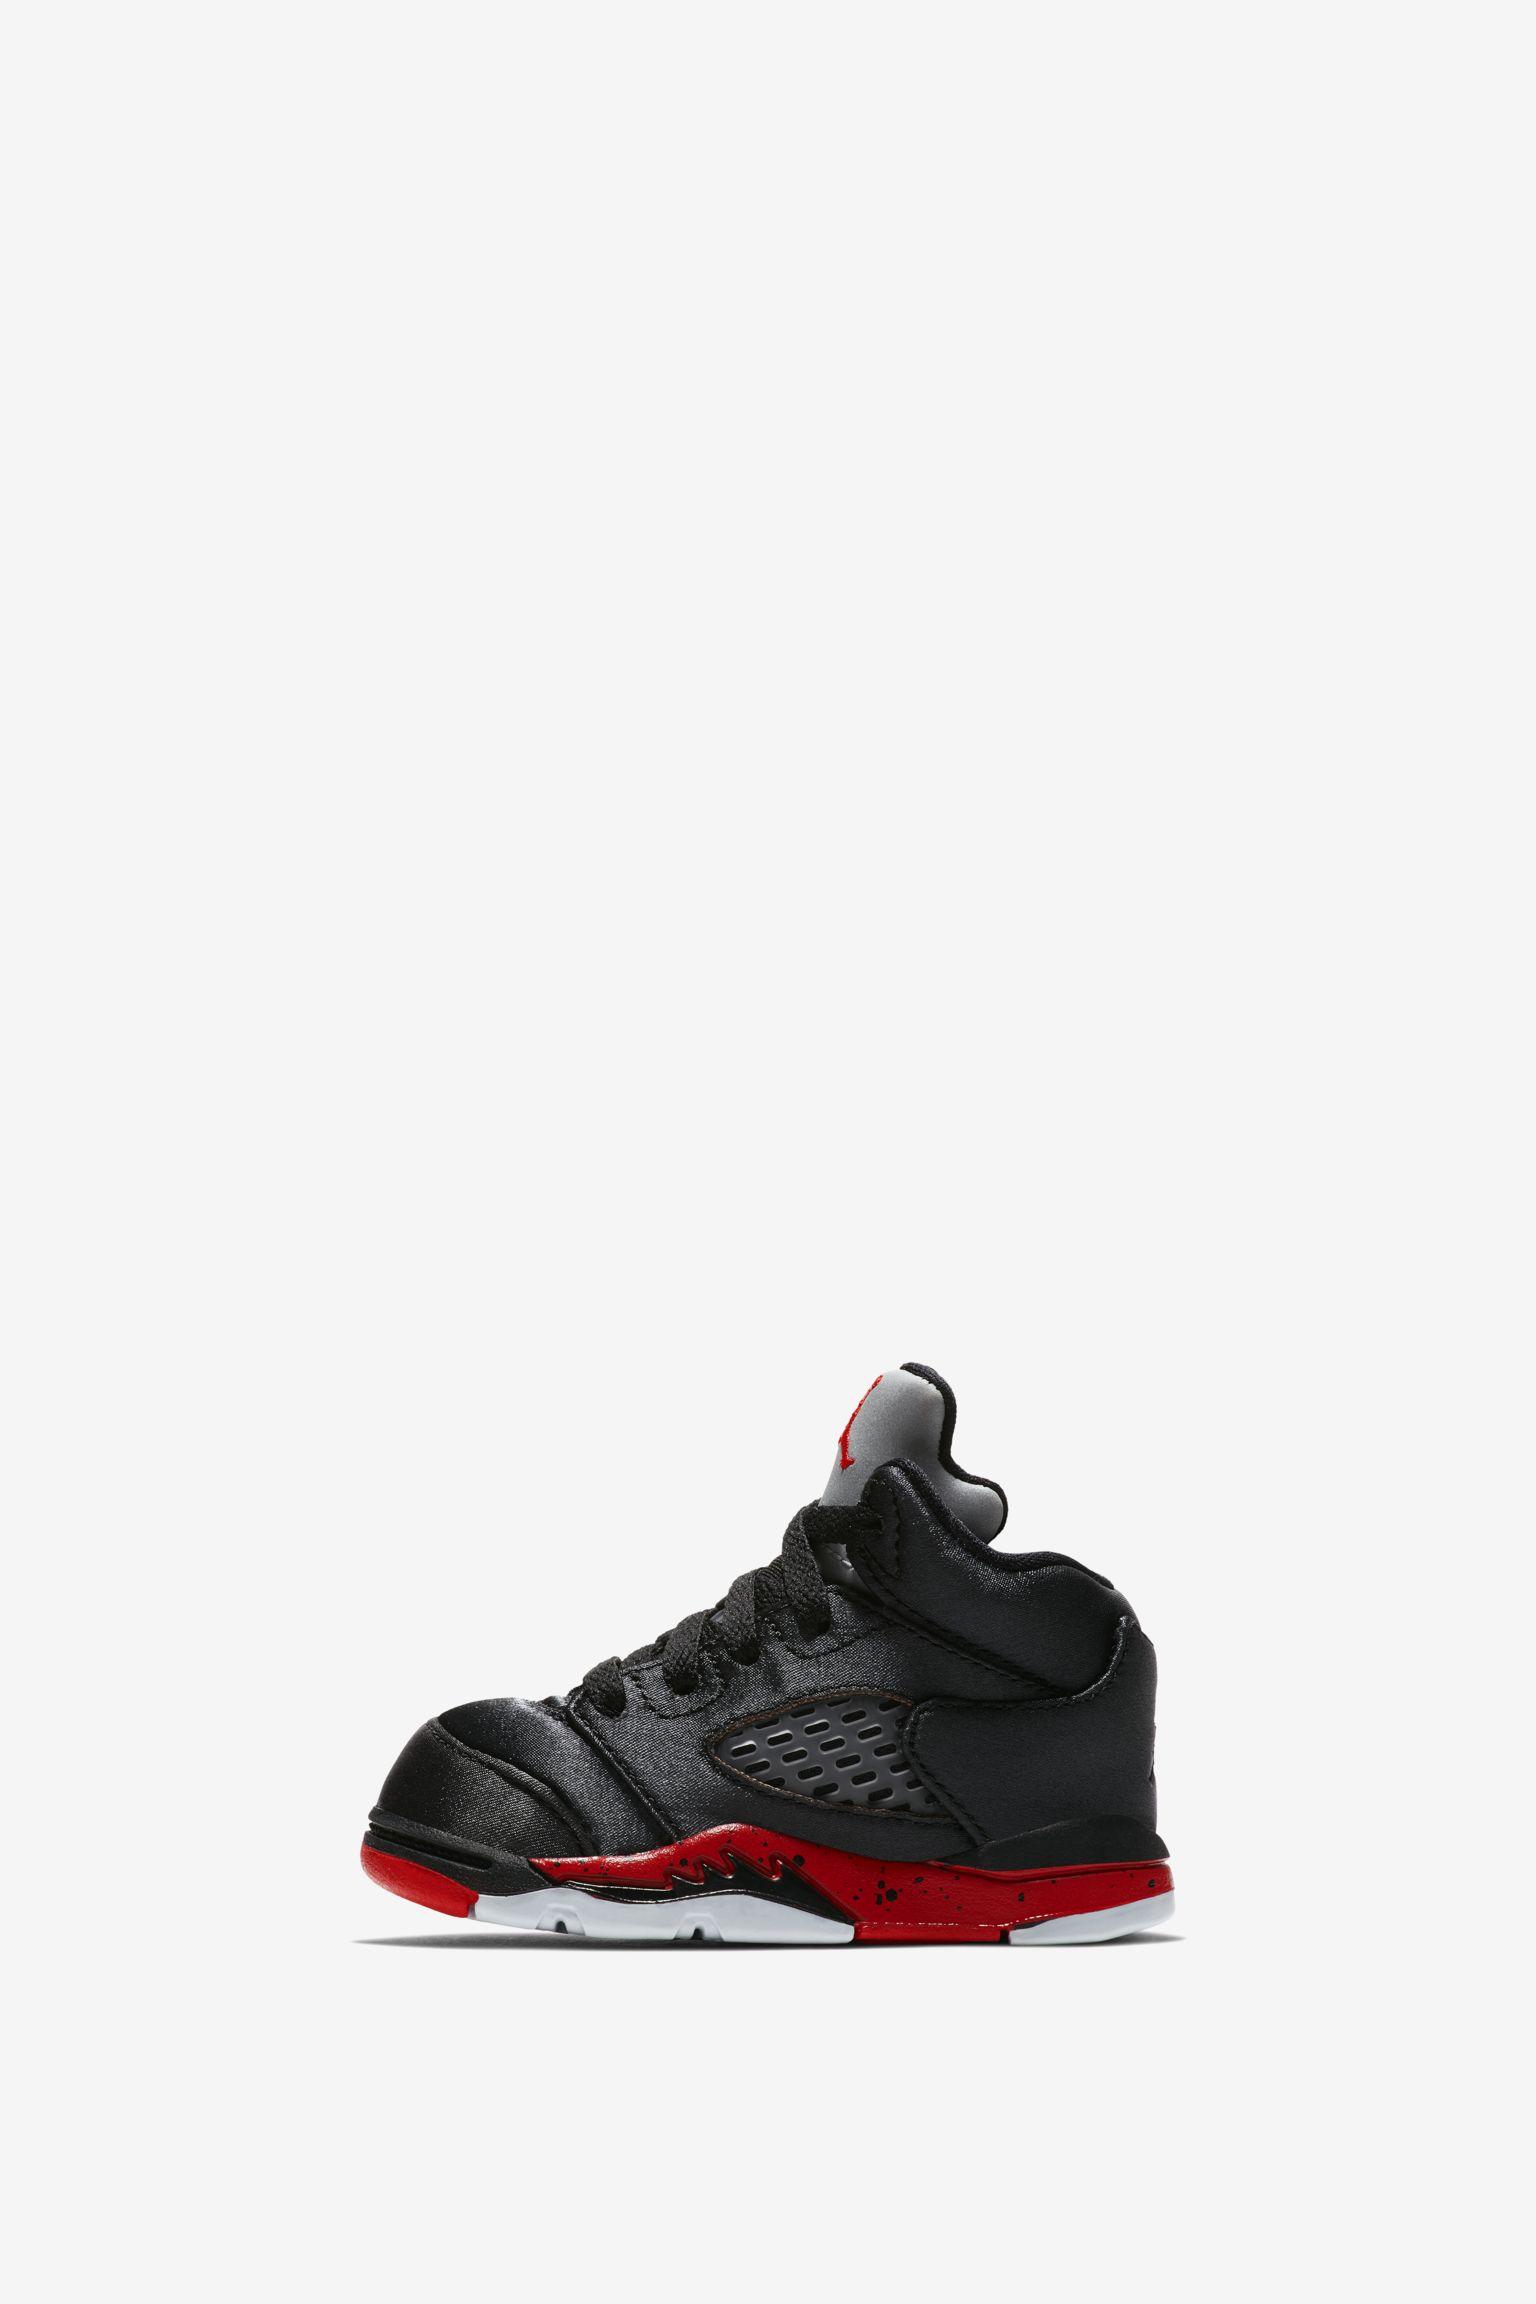 Air Jordan 5 'Black & University Red' Release Date